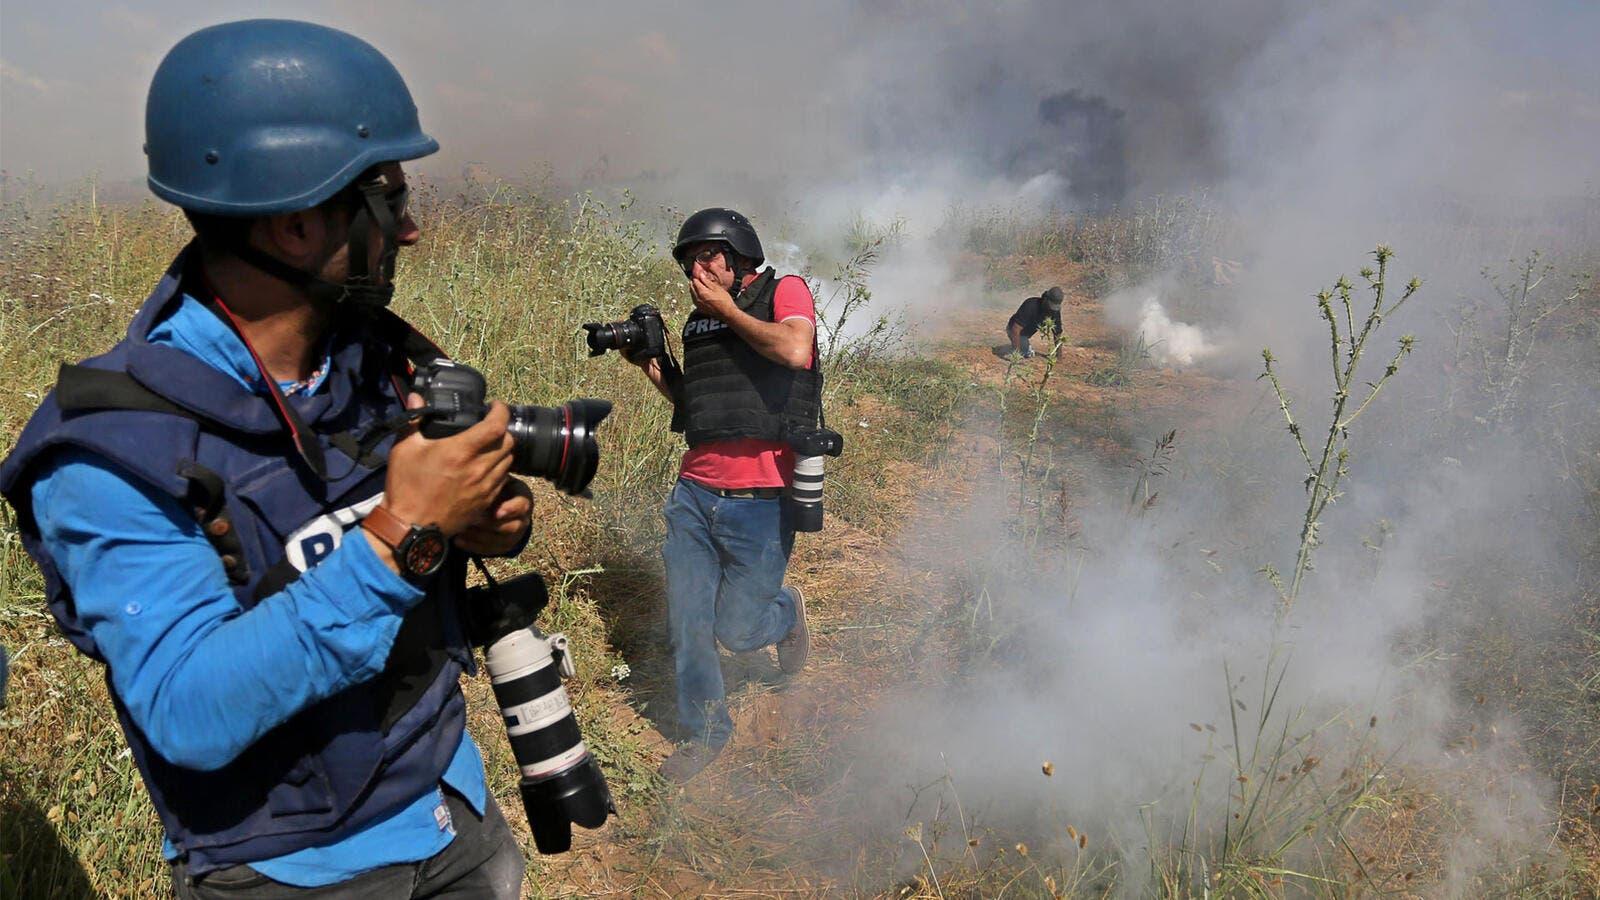 اليوم العالمي لحرية الصحافة: اسرائيل ارتكبت 183 جريمة بحق الصحفيين الفلسطينيين